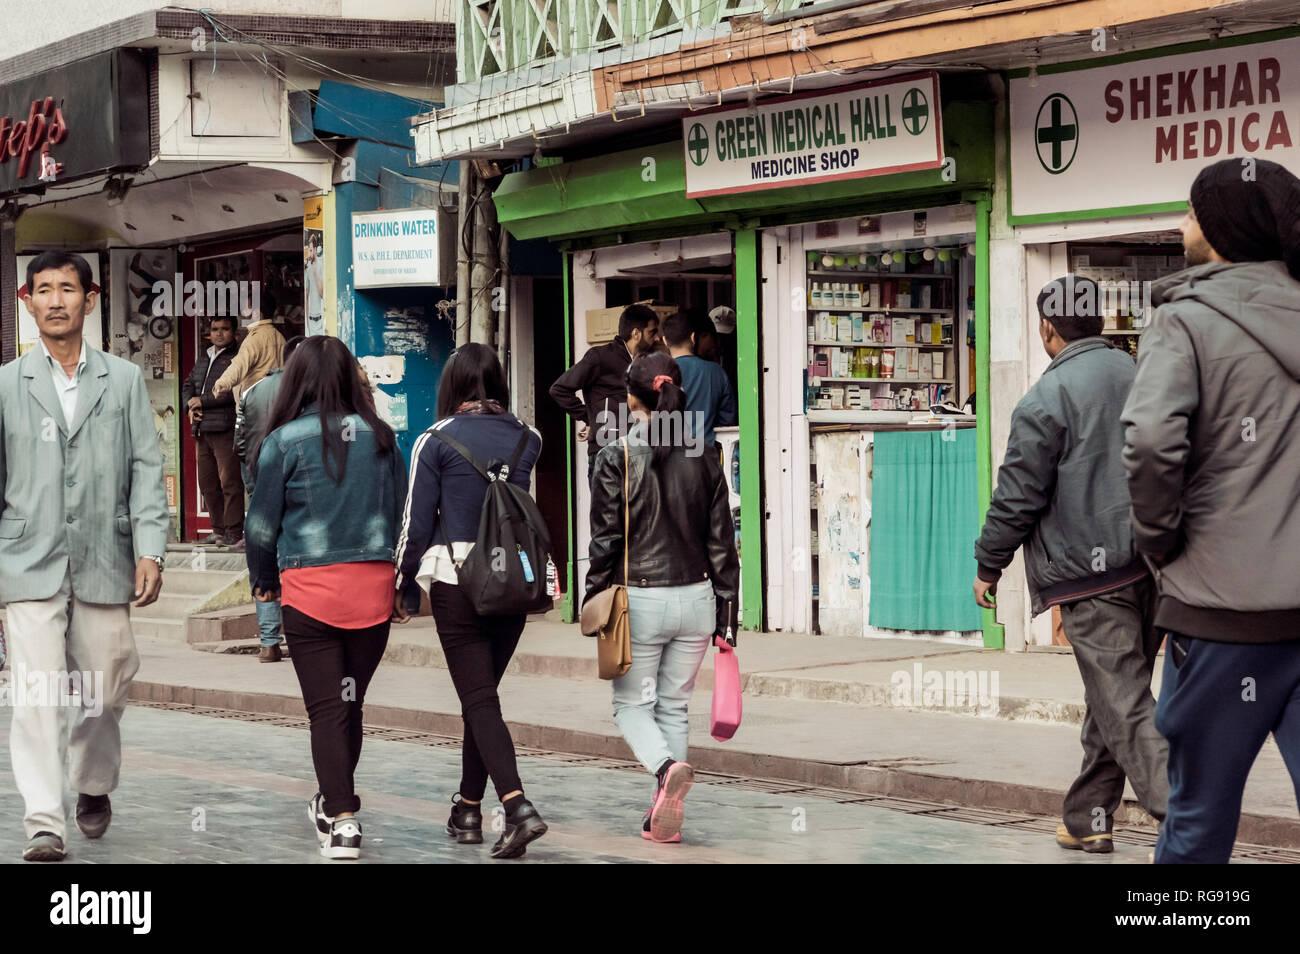 MG MARG, Gangtok, India 3 gennaio 2019: scene di strada nel centro commerciale popolare strada di MG Marg Gangtok. La città è oggi un vivace centro culturale e popolare turi Immagini Stock